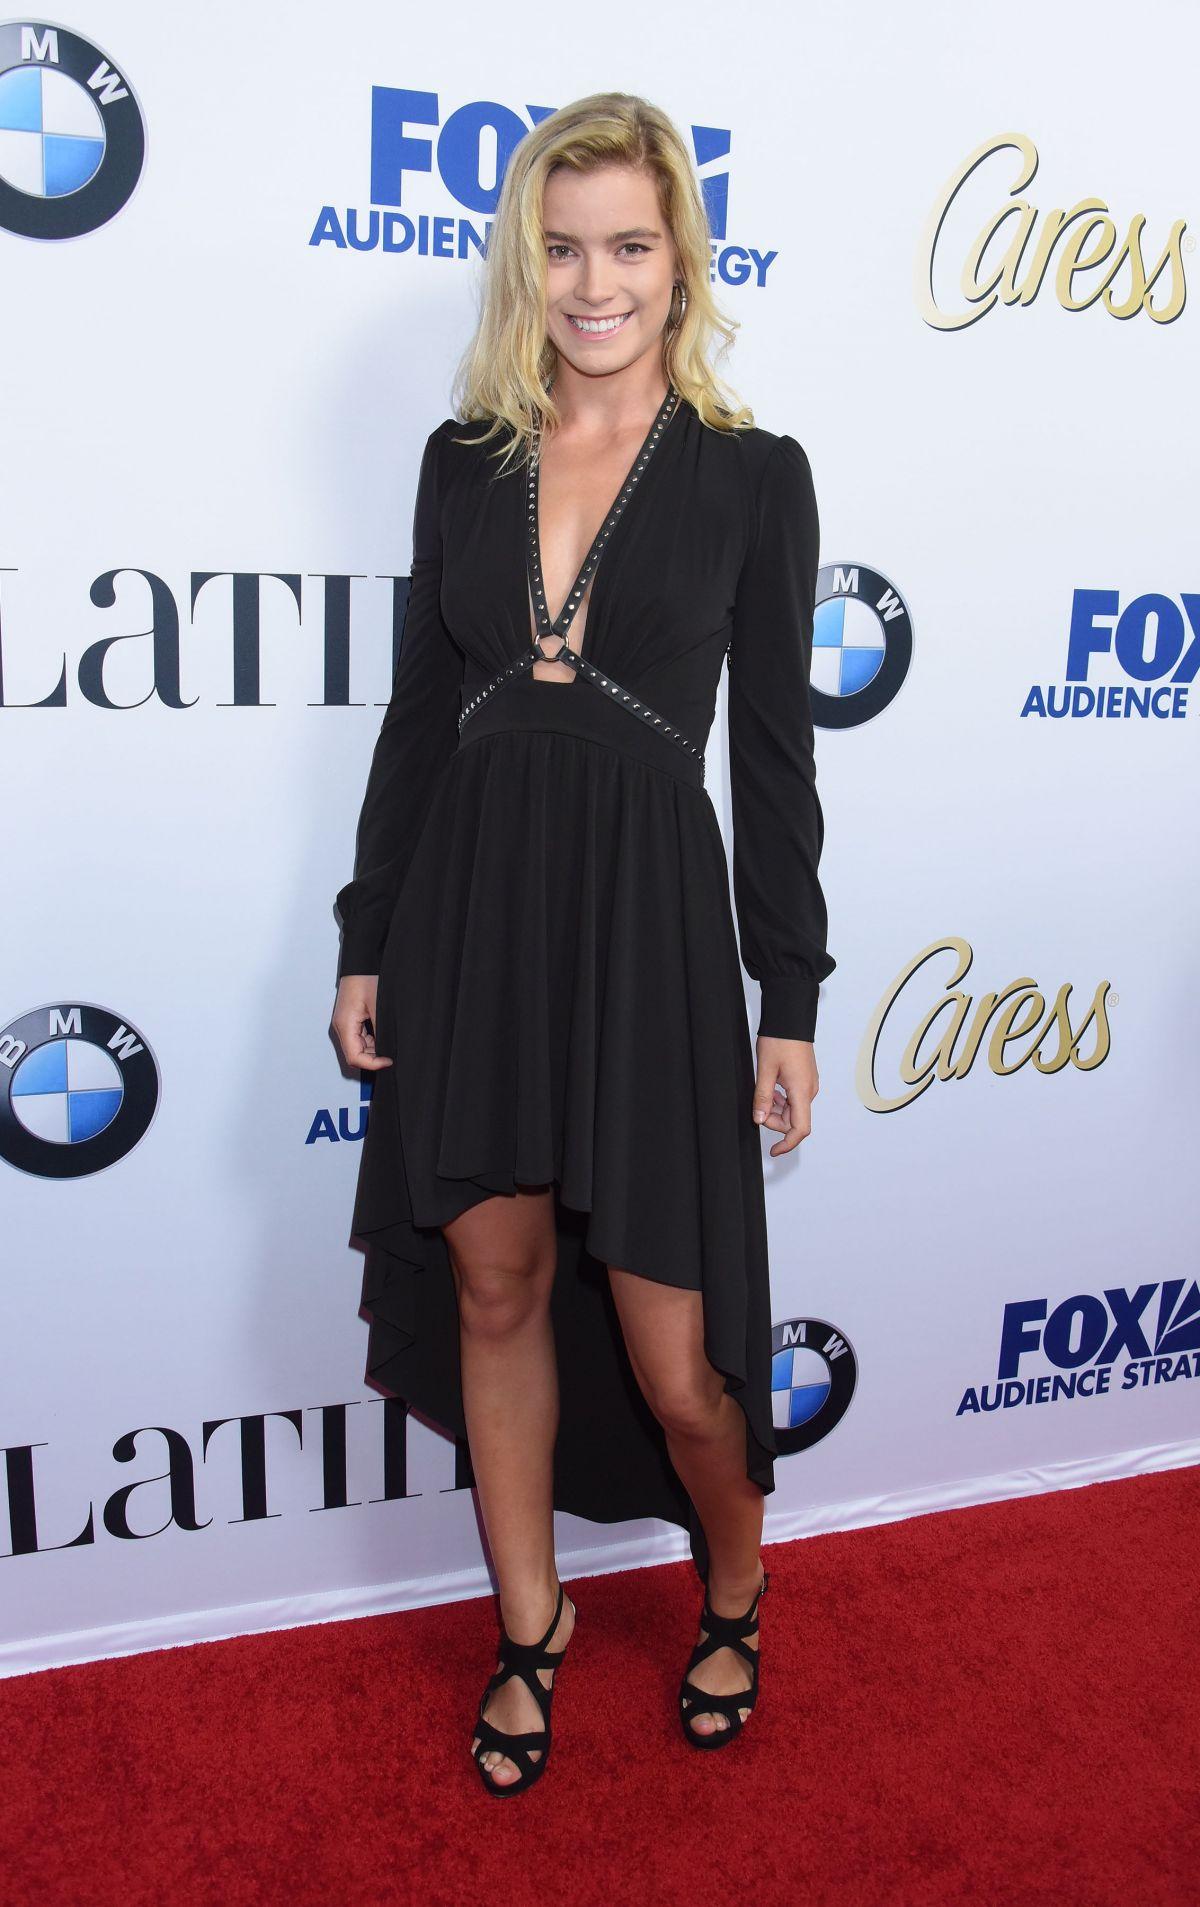 GEMITA SAMARA at Latina Hot List Party in West Hollywood 10/06/2015